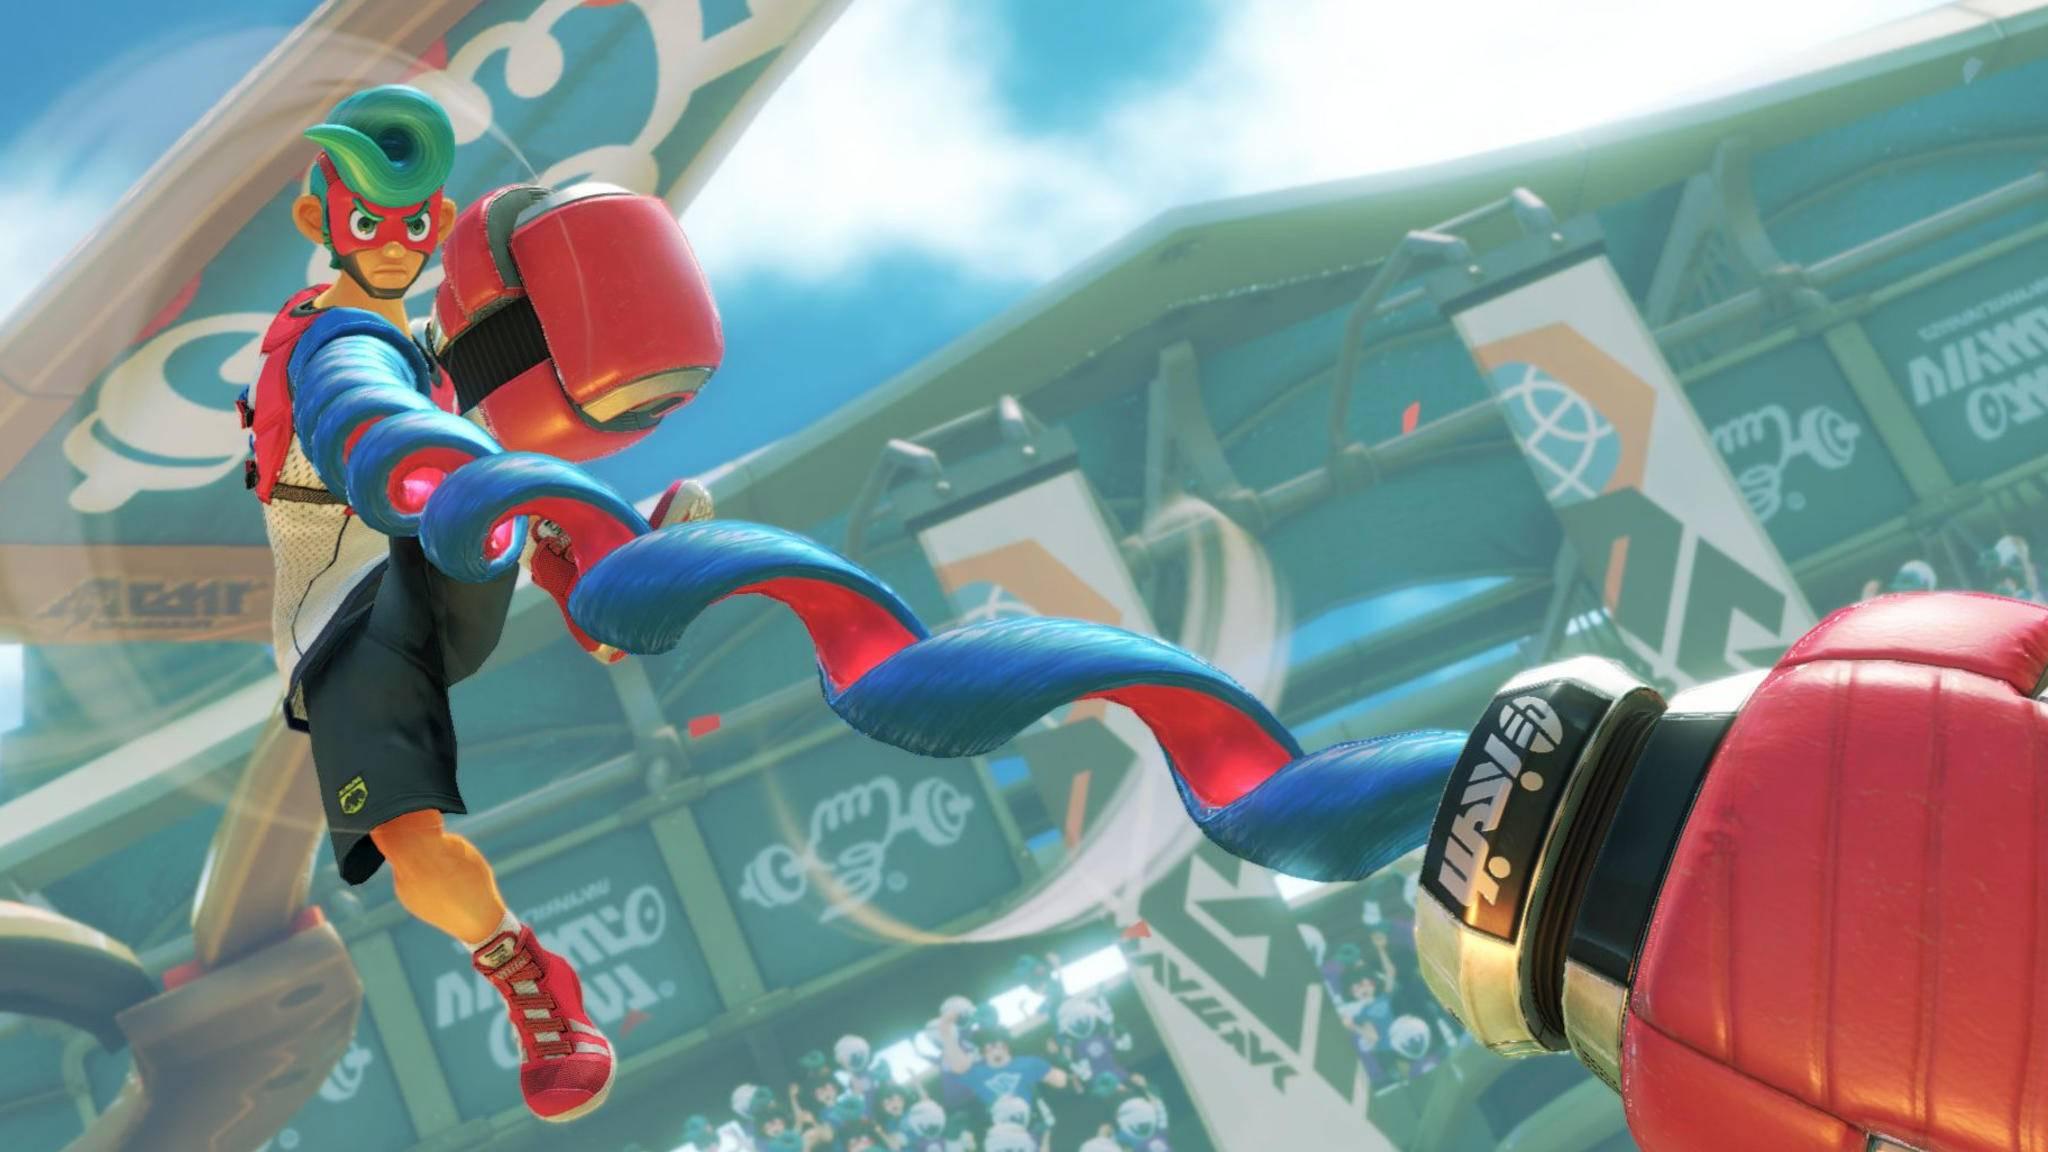 """Der elastische Springman ist einer von zehn Charakteren, mit denen Du Dich in """"Arms"""" in witzige Prügeleien stürzen kannst."""